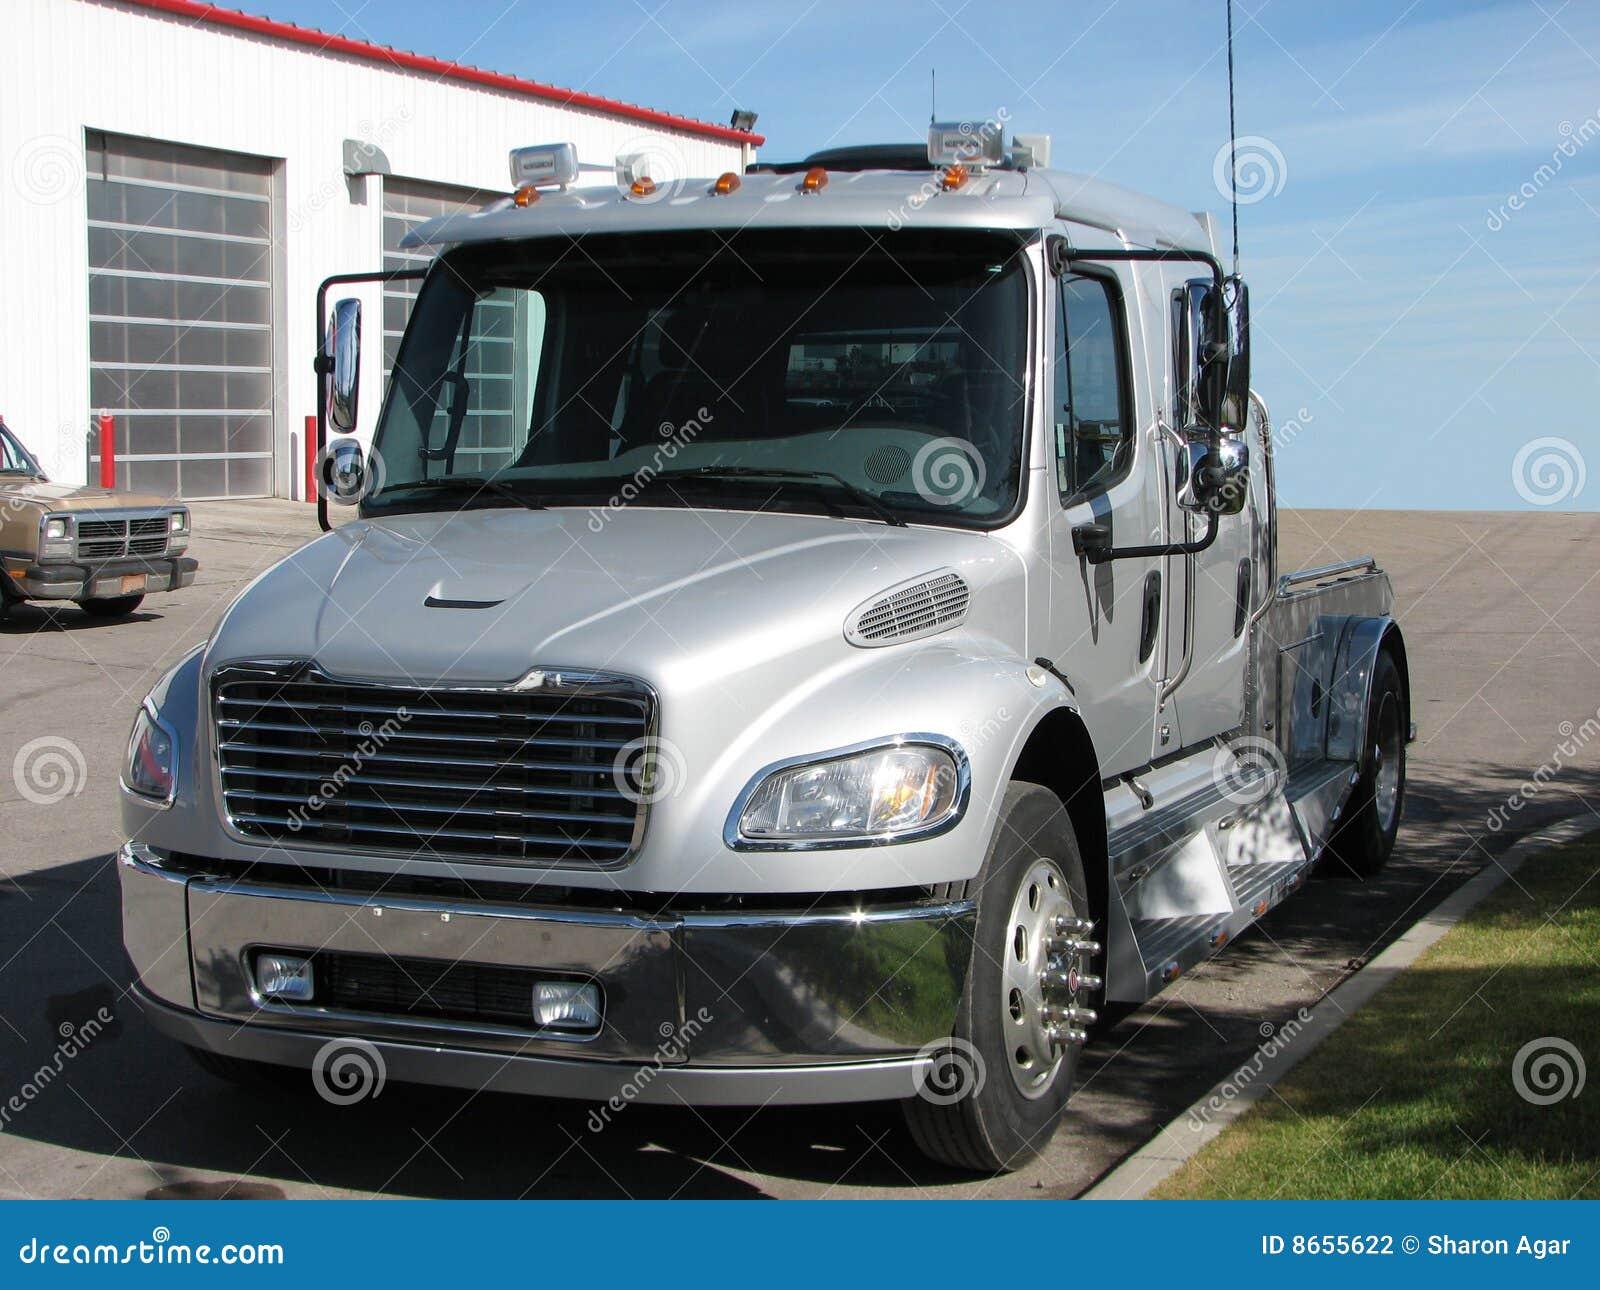 trucks mt door inventory boss doors